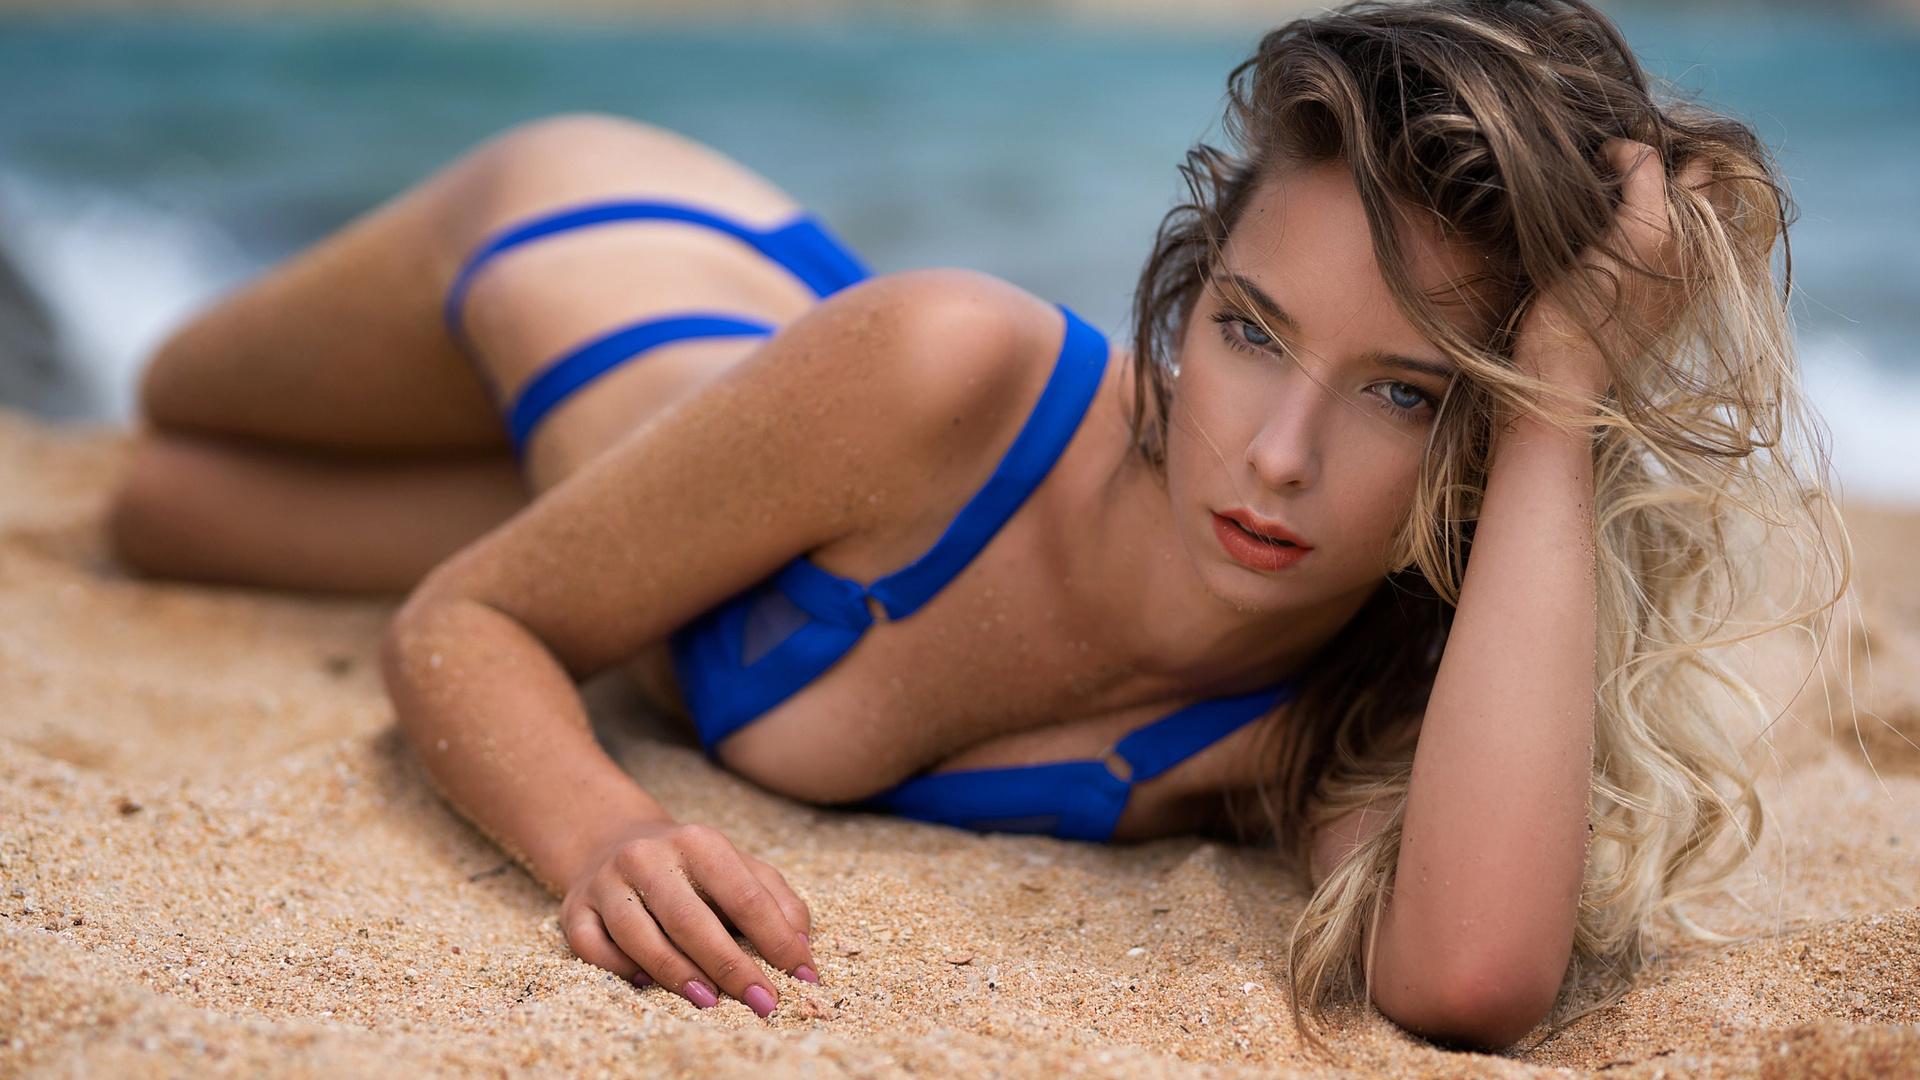 фото девочек на пляже в купальнике